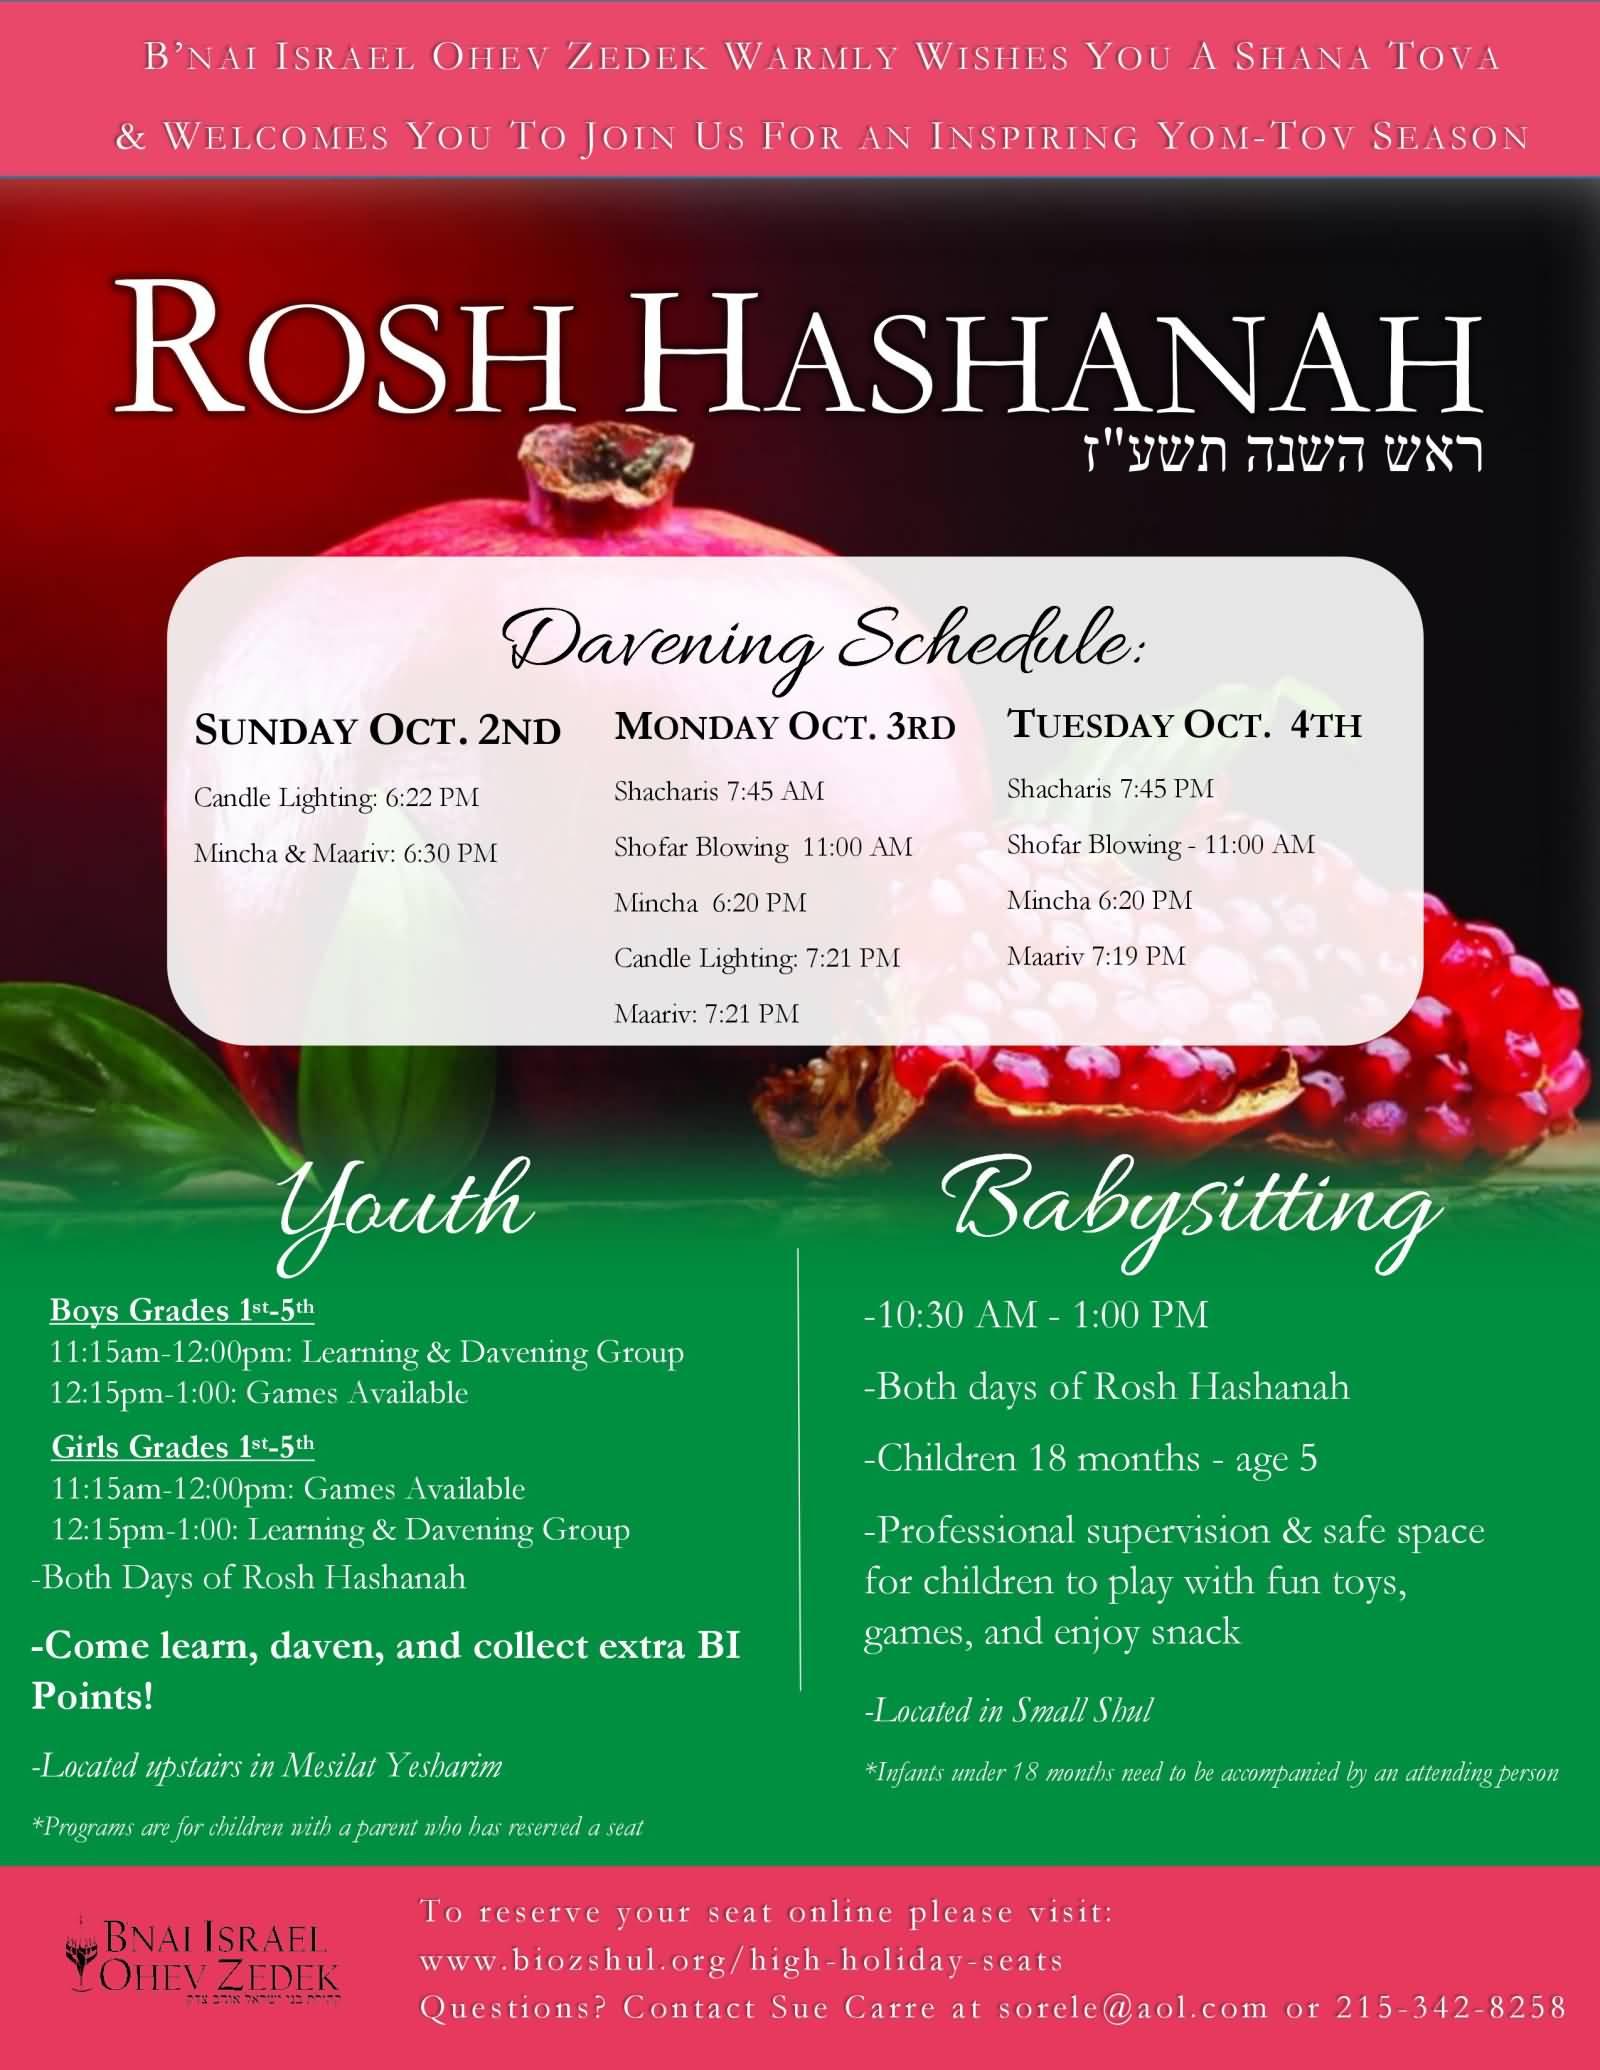 35 Best Rosh Hashanah 2016 Wishes